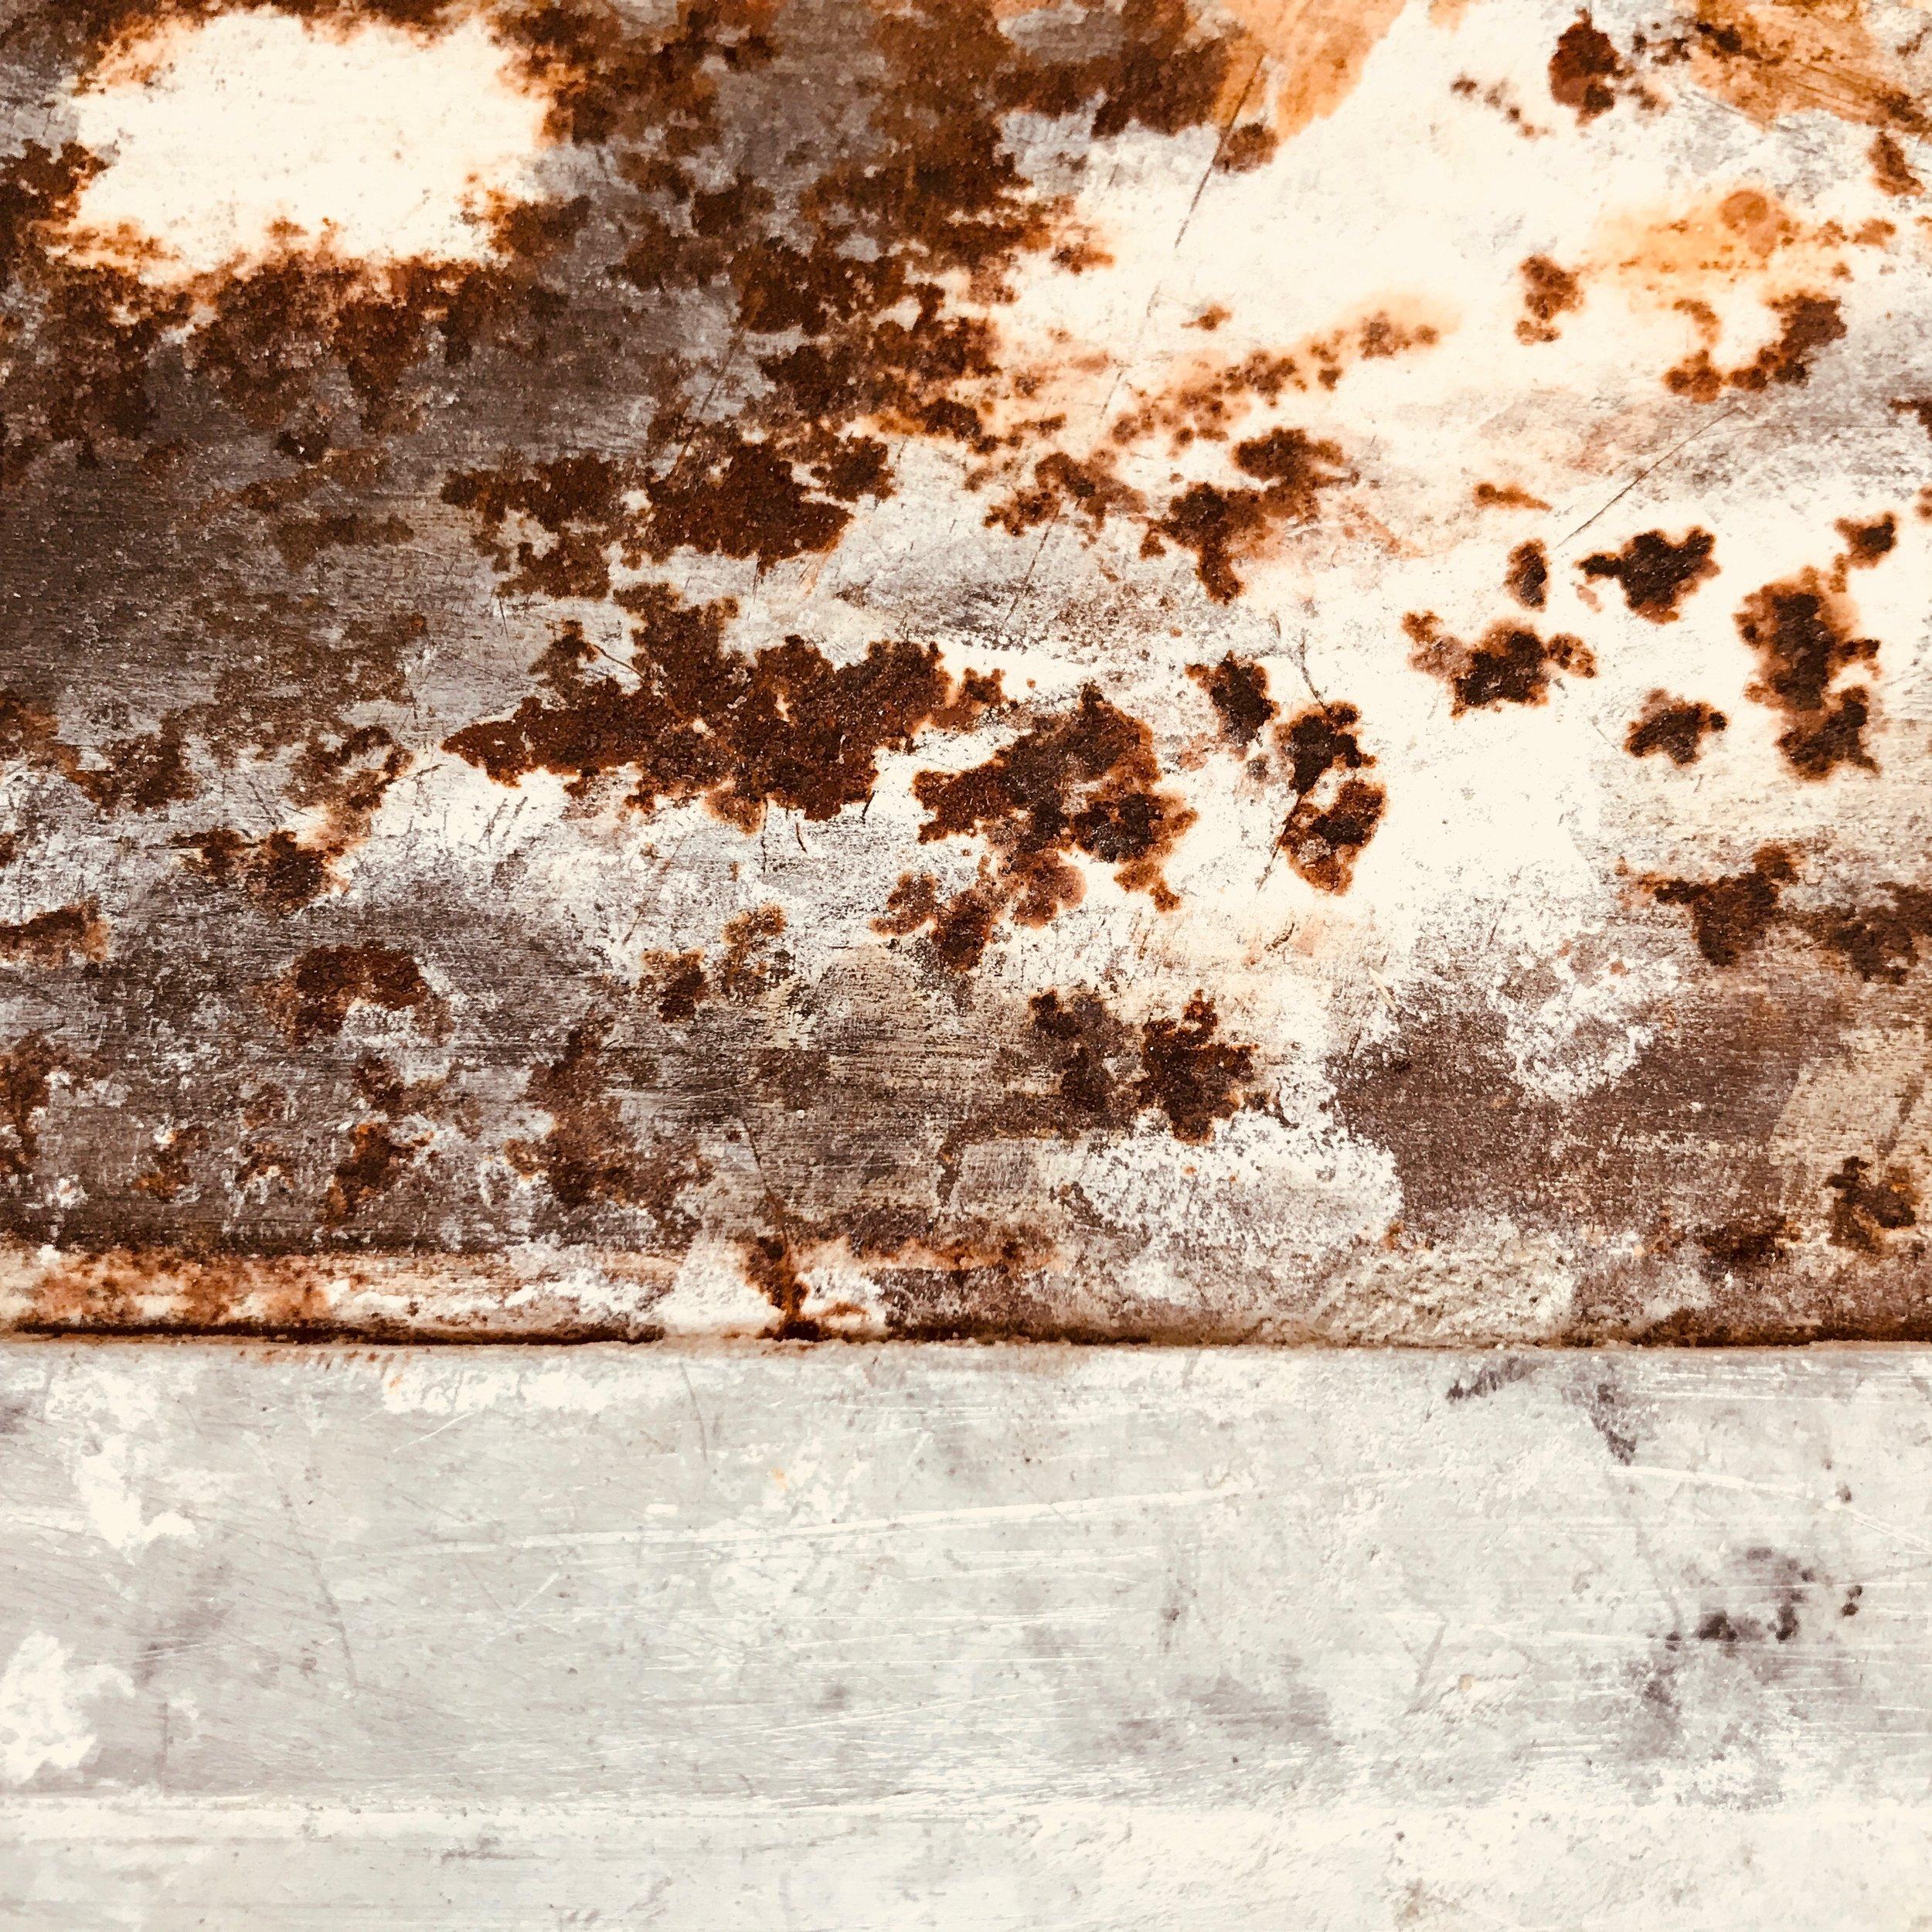 #7 lichen